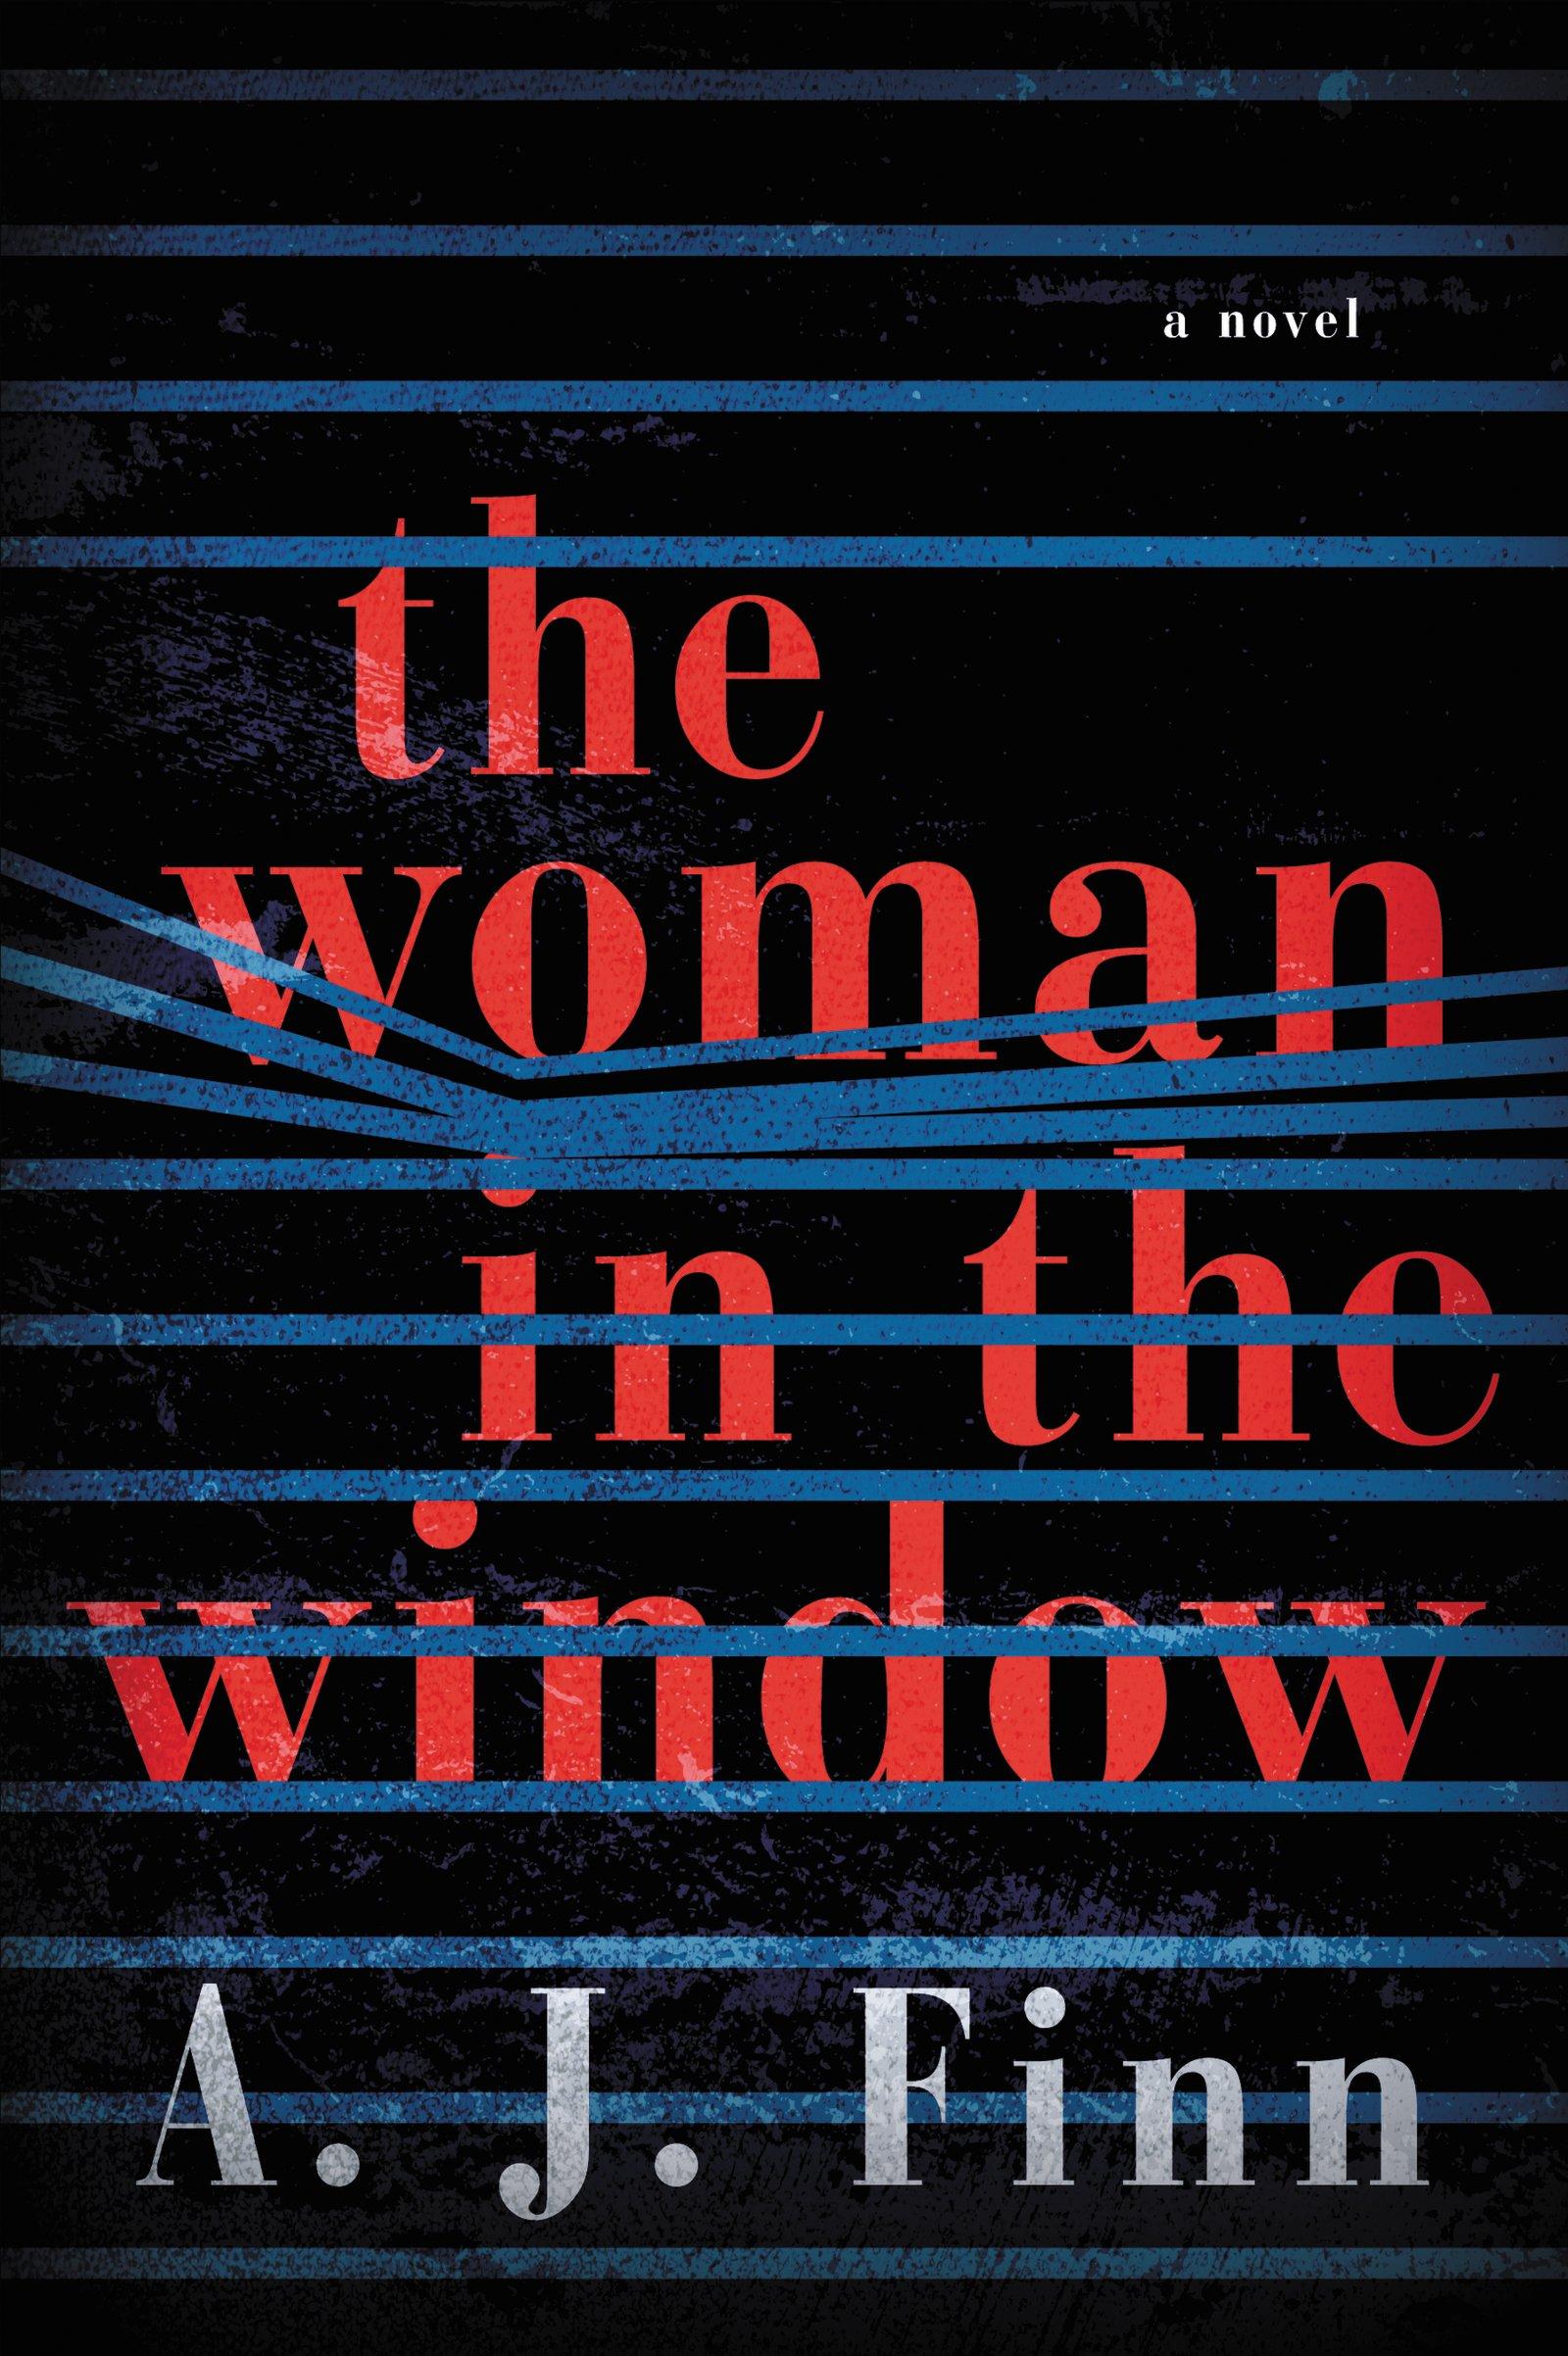 2018年の大型心理スリラー The Woman in the Window